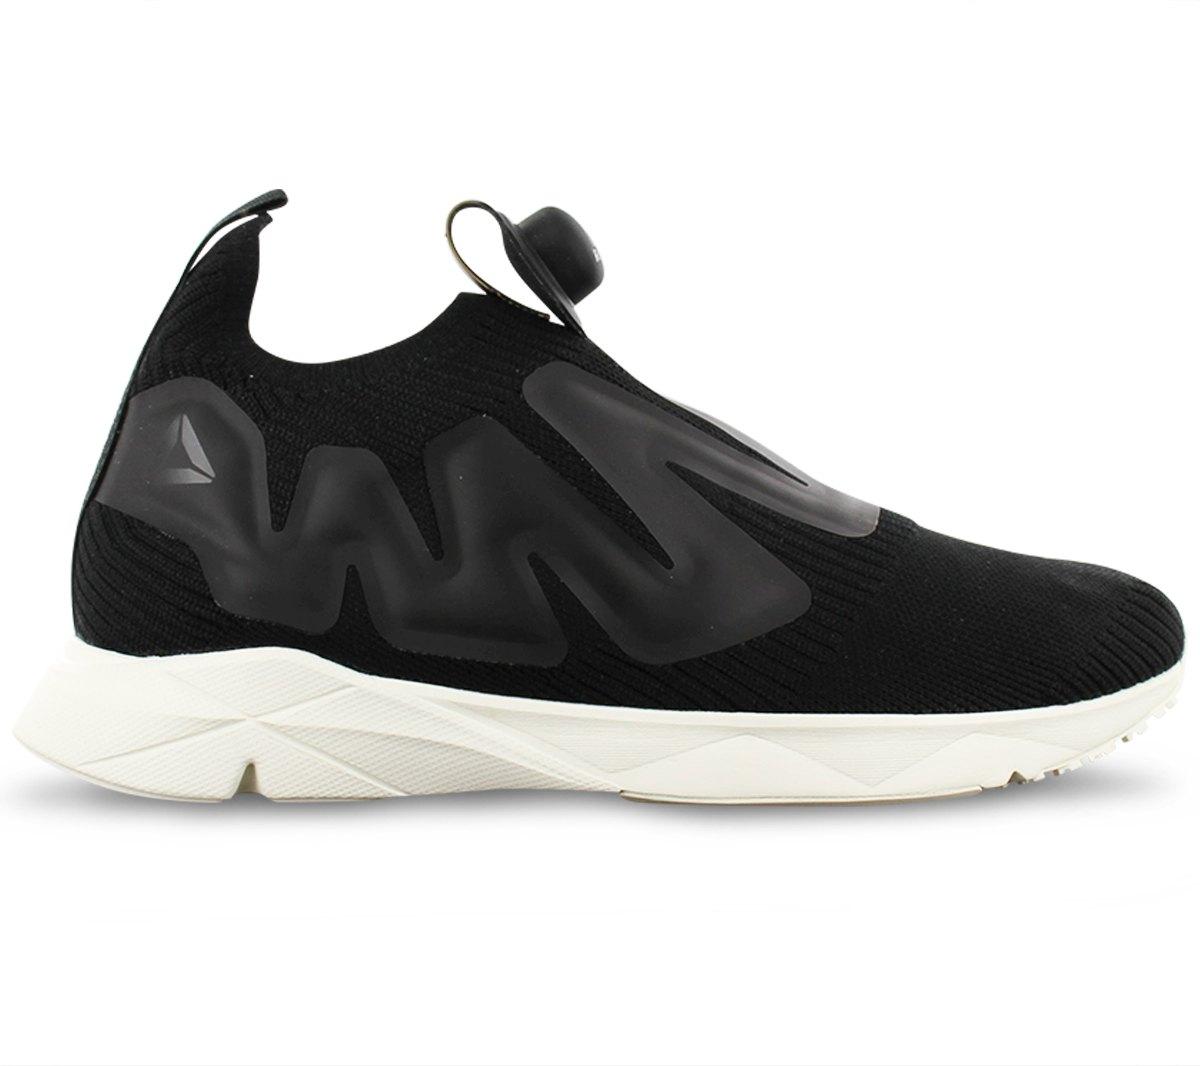 Dettagli su Reebok Pump Supreme Style Uomo Premium Sneaker CN1878 Scarpe Sportive Corsa